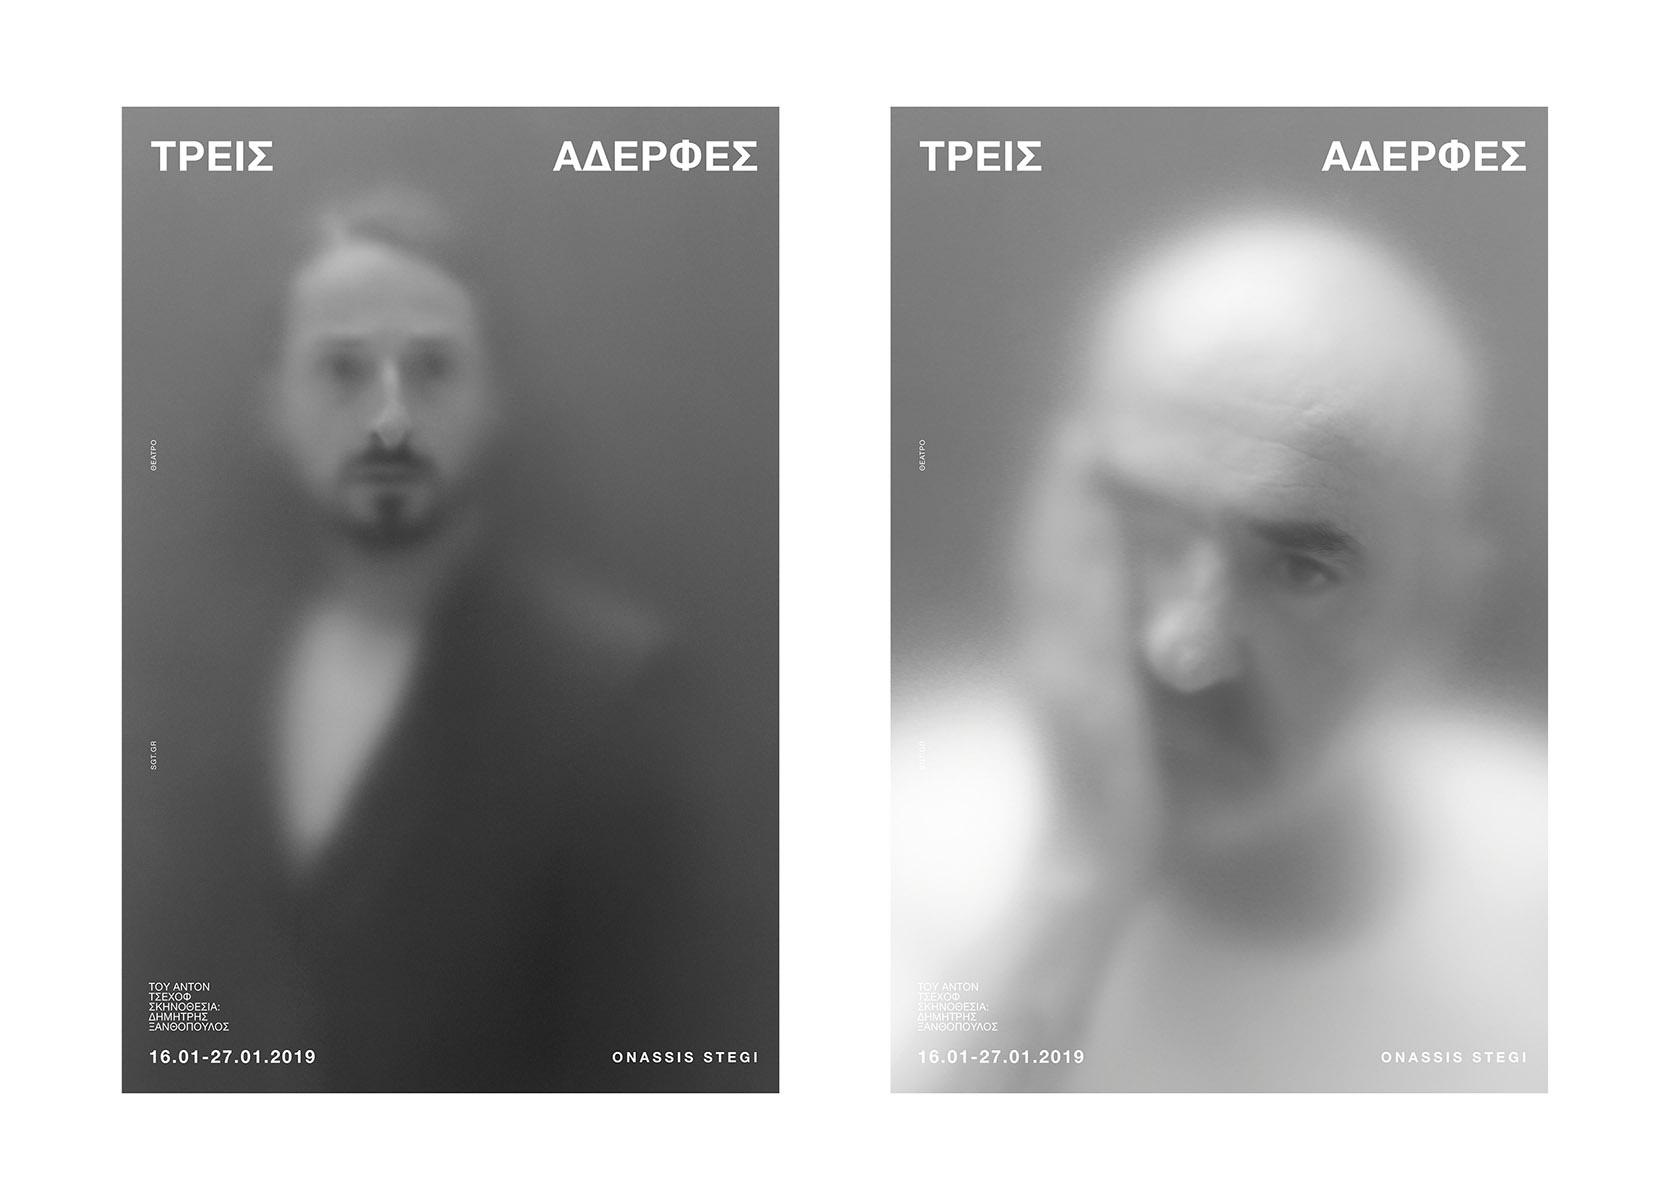 THREE SISTERS / ONASSIS STEGI Nikolay Biryukov